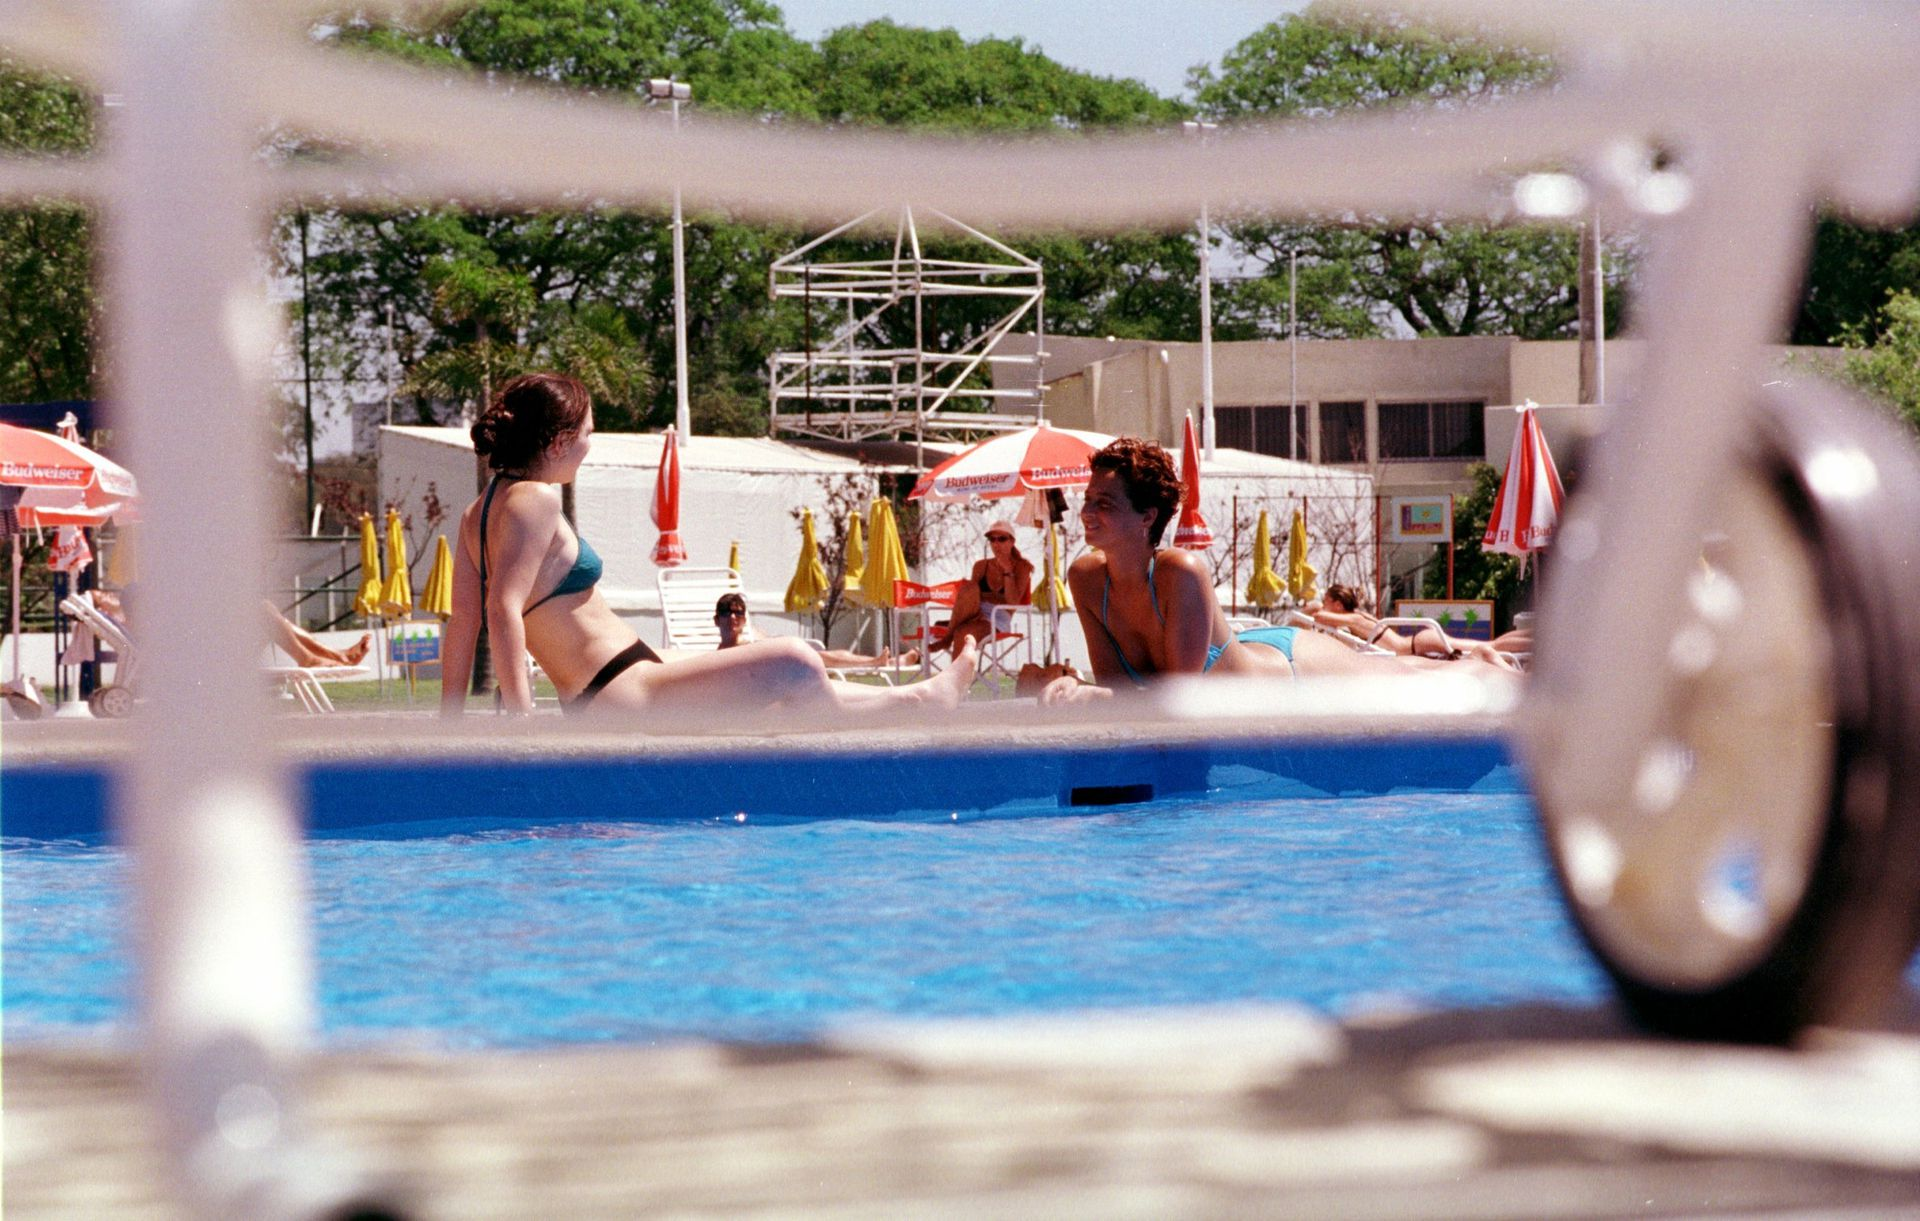 Pasar el día en Coconor era un gran plan. El complejo contaba con muy buenos servicios para sus visitantes